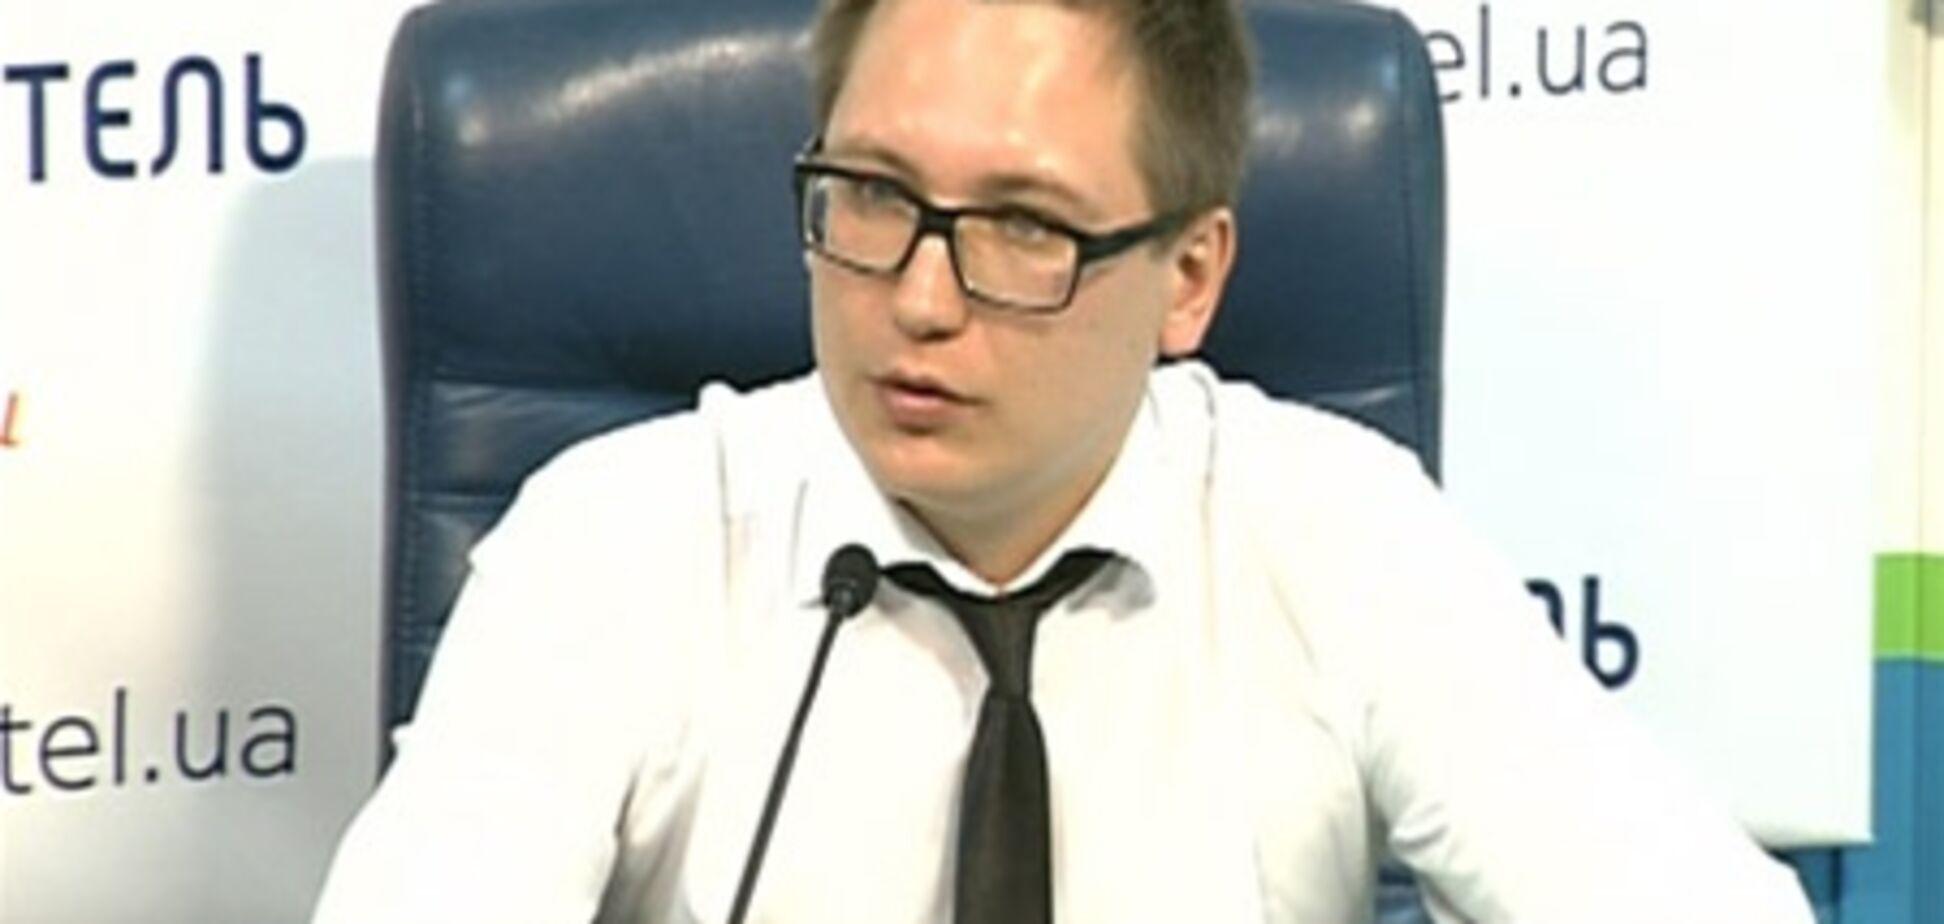 Осужденная Тимошенко понизит рейтинг собственной партии - эксперт